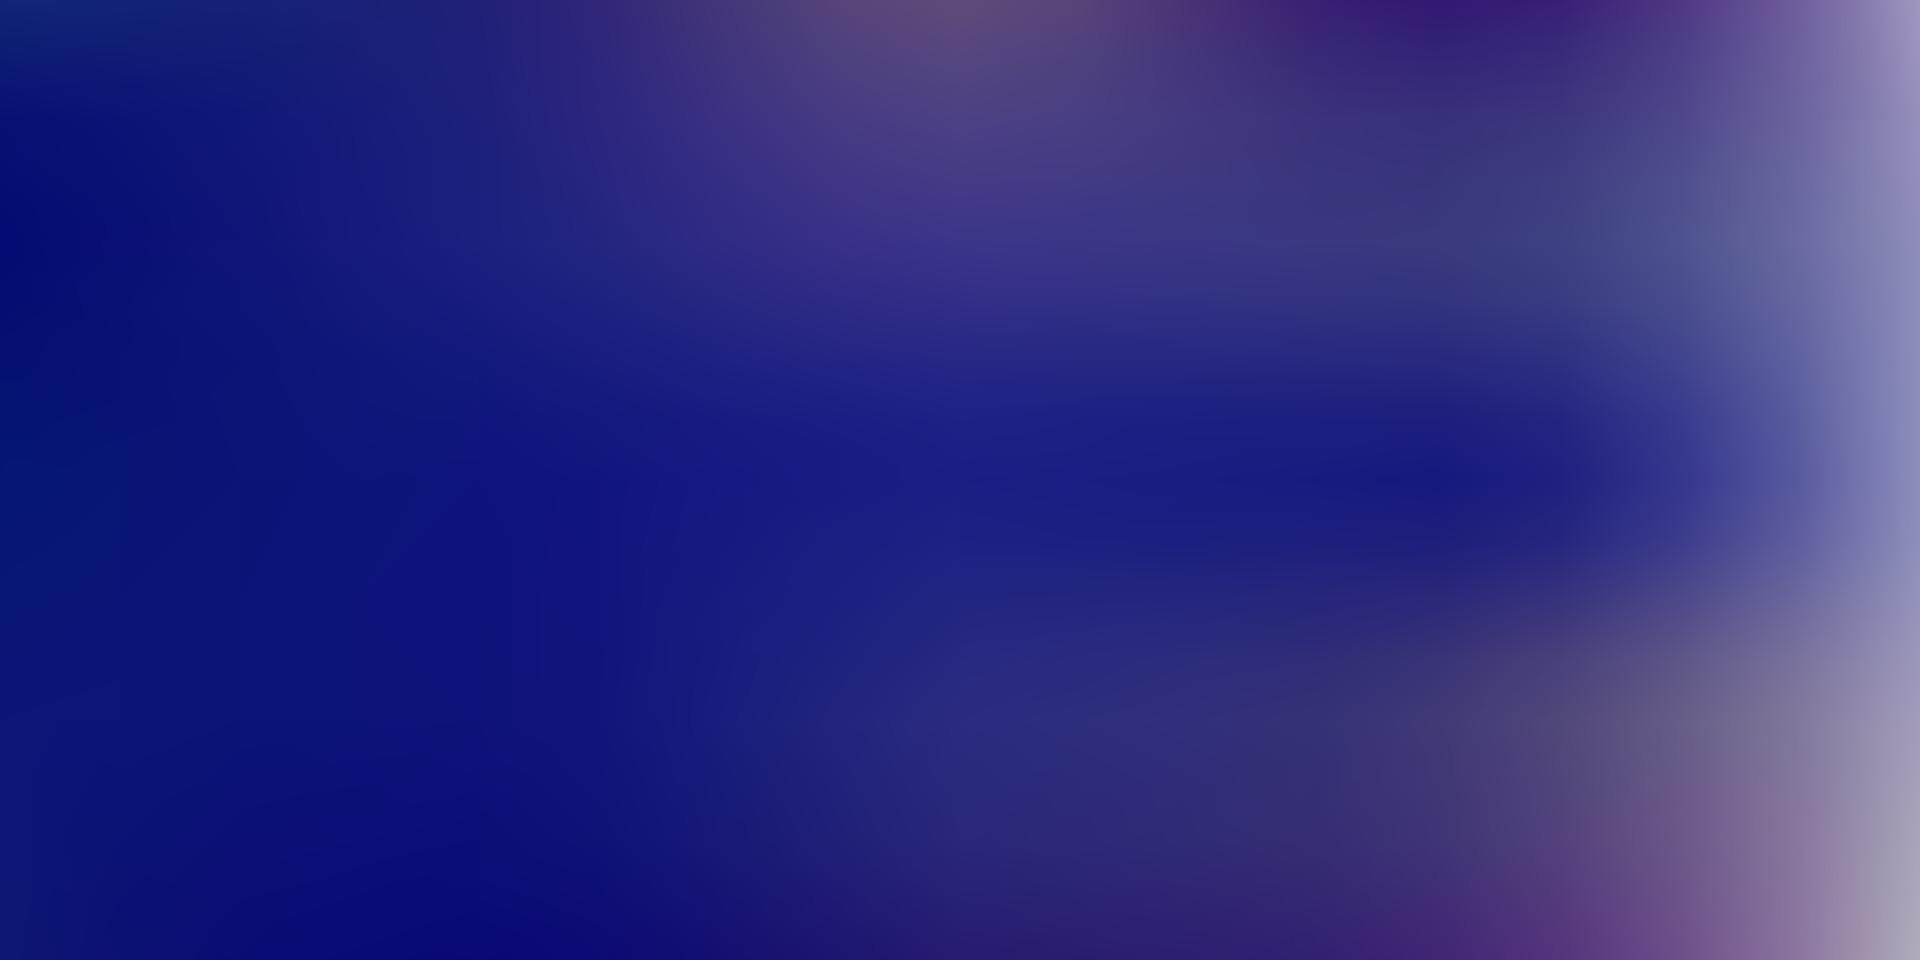 rosa chiaro, blu vettore astratto sfocatura dello sfondo.